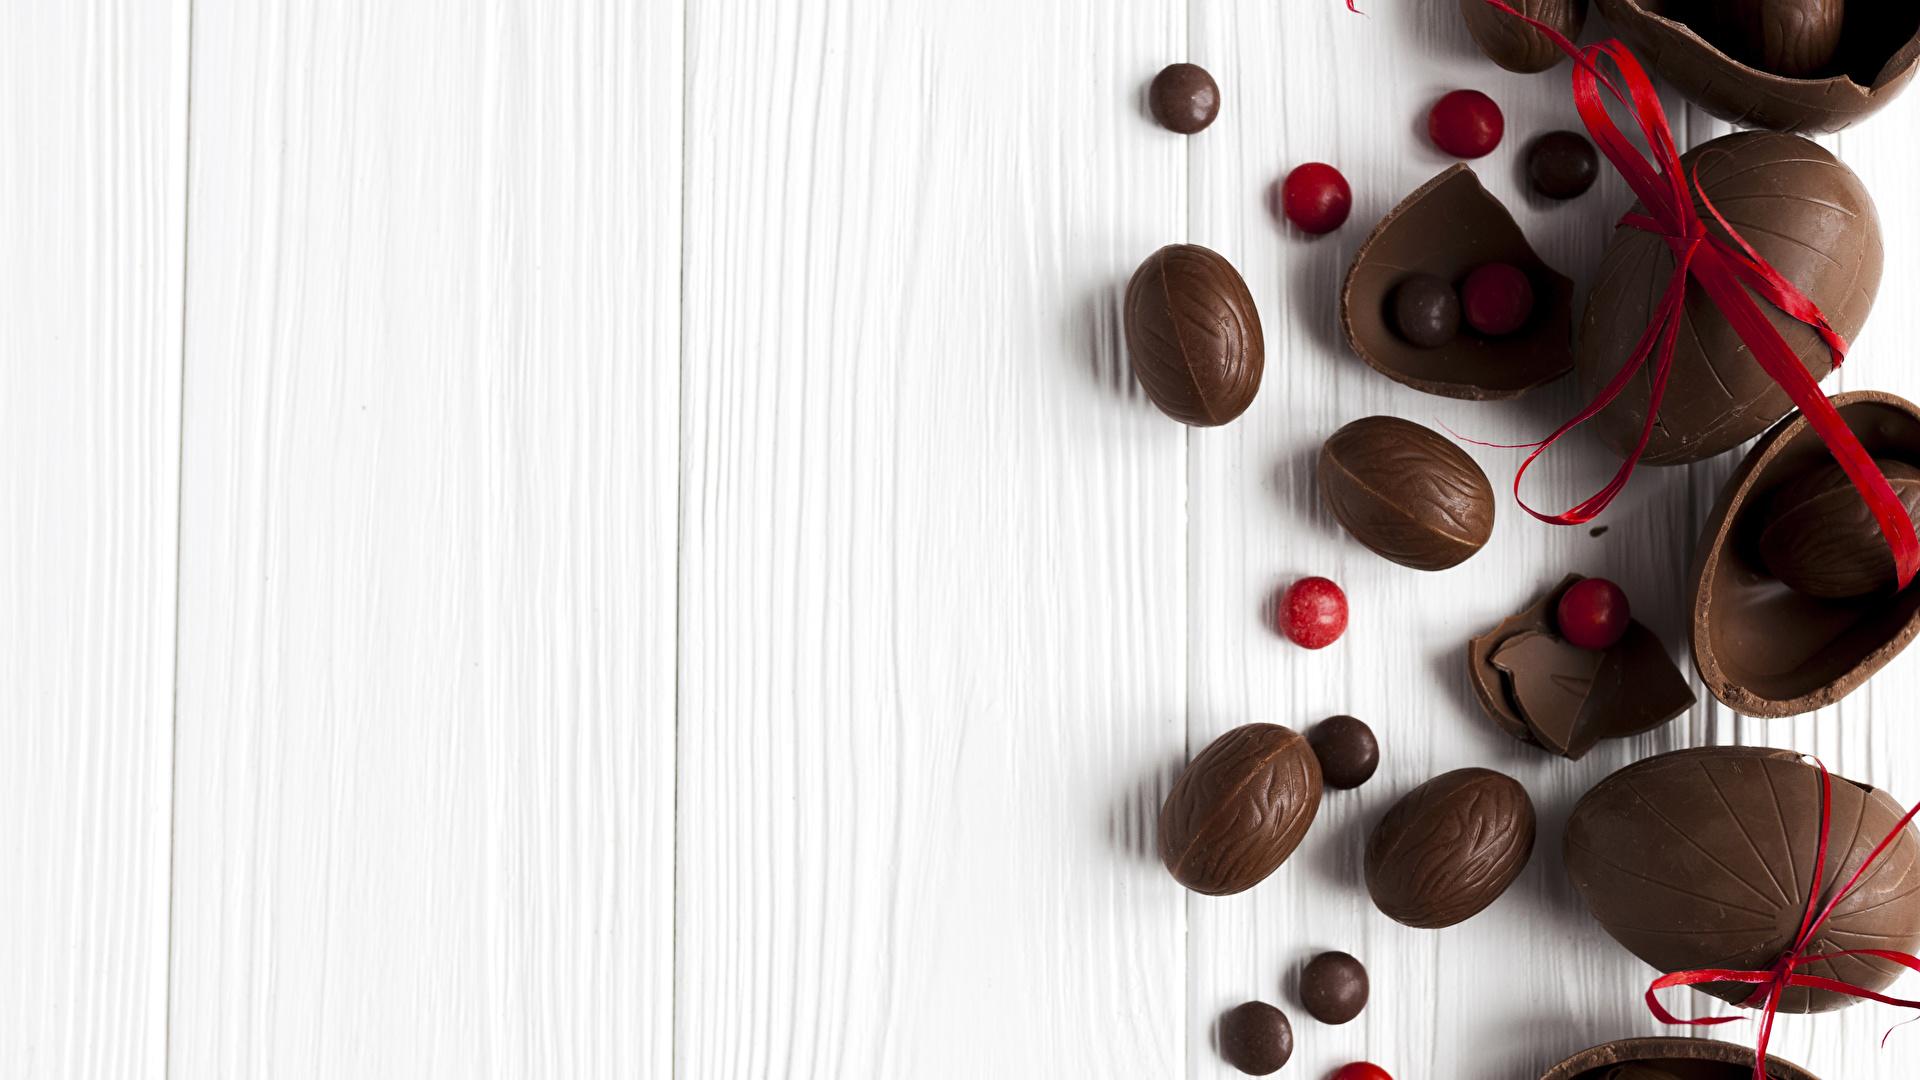 Фотографии Пасха Яйца Шоколад Еда Бантик Сладости Доски 1920x1080 Пища Продукты питания